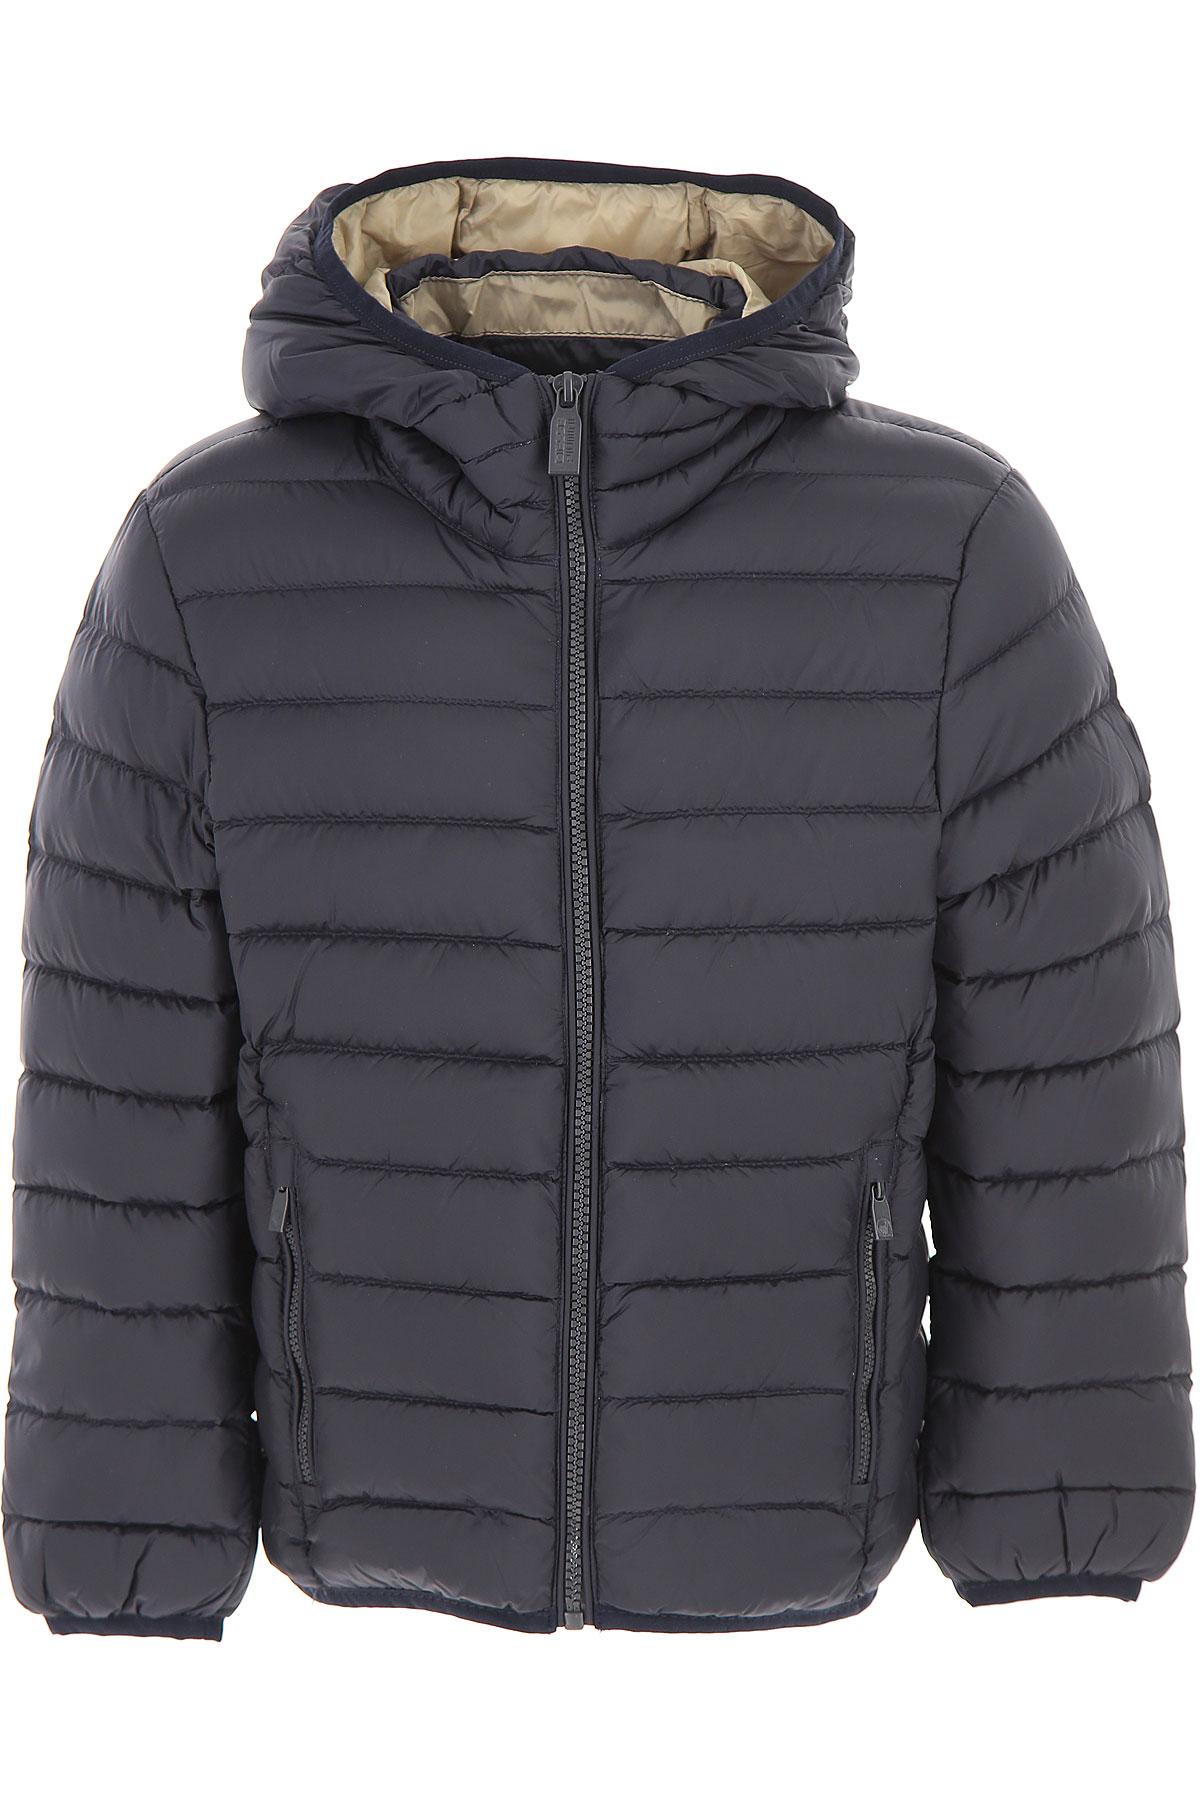 Image of Ciesse Piumini Boys Down Jacket for Kids, Puffer Ski Jacket, Blue, Nylon, 2017, 10Y 14Y 16Y 4Y 6Y 8Y